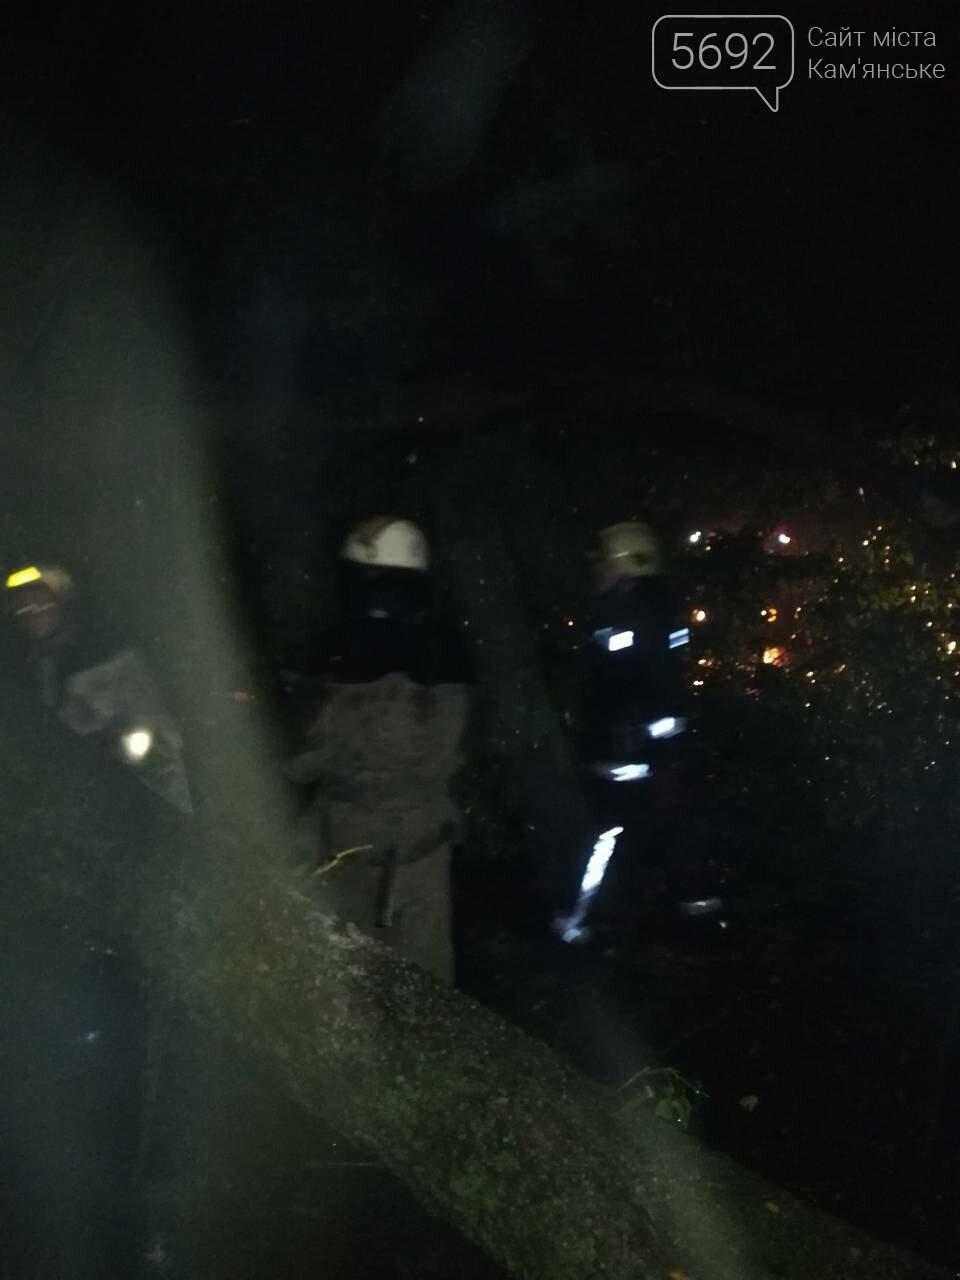 Спасатели Каменского ликвидируют последствия стихии, фото-2